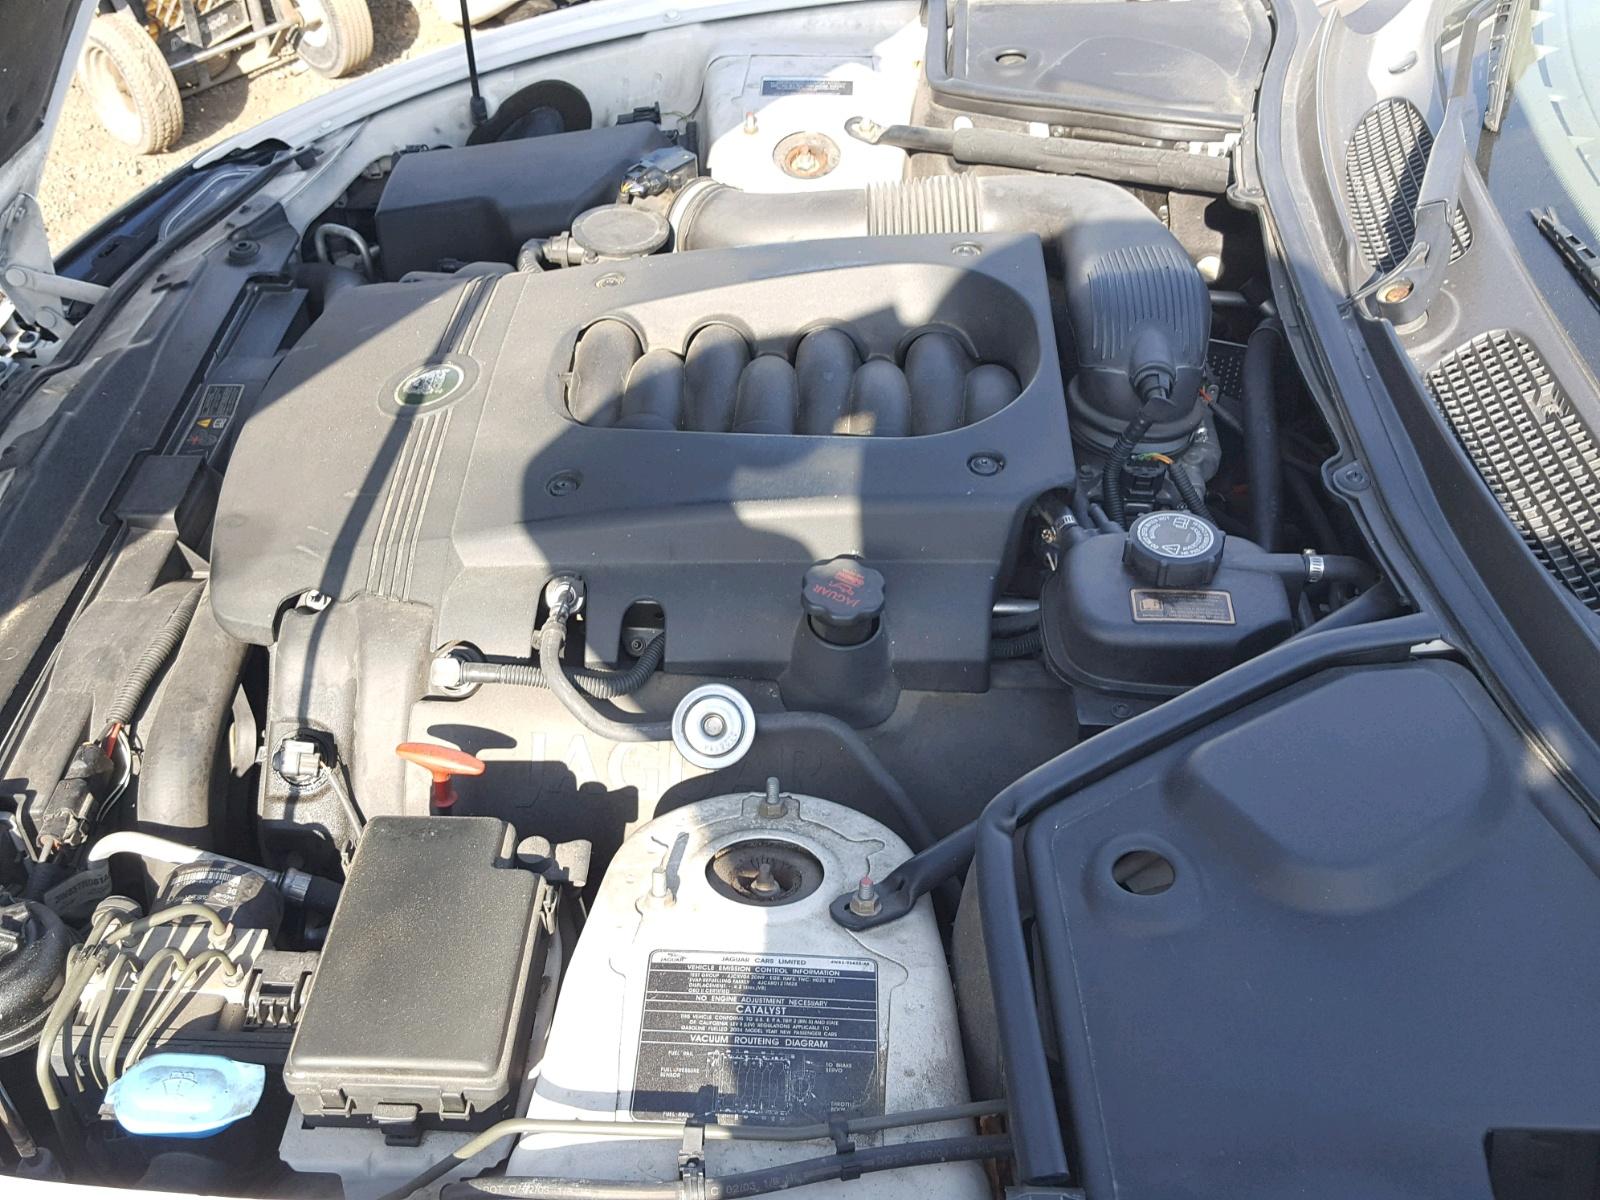 2004 Jaguar Xk8 For Sale At Copart San Diego Ca Lot 42817518 Engine Diagram